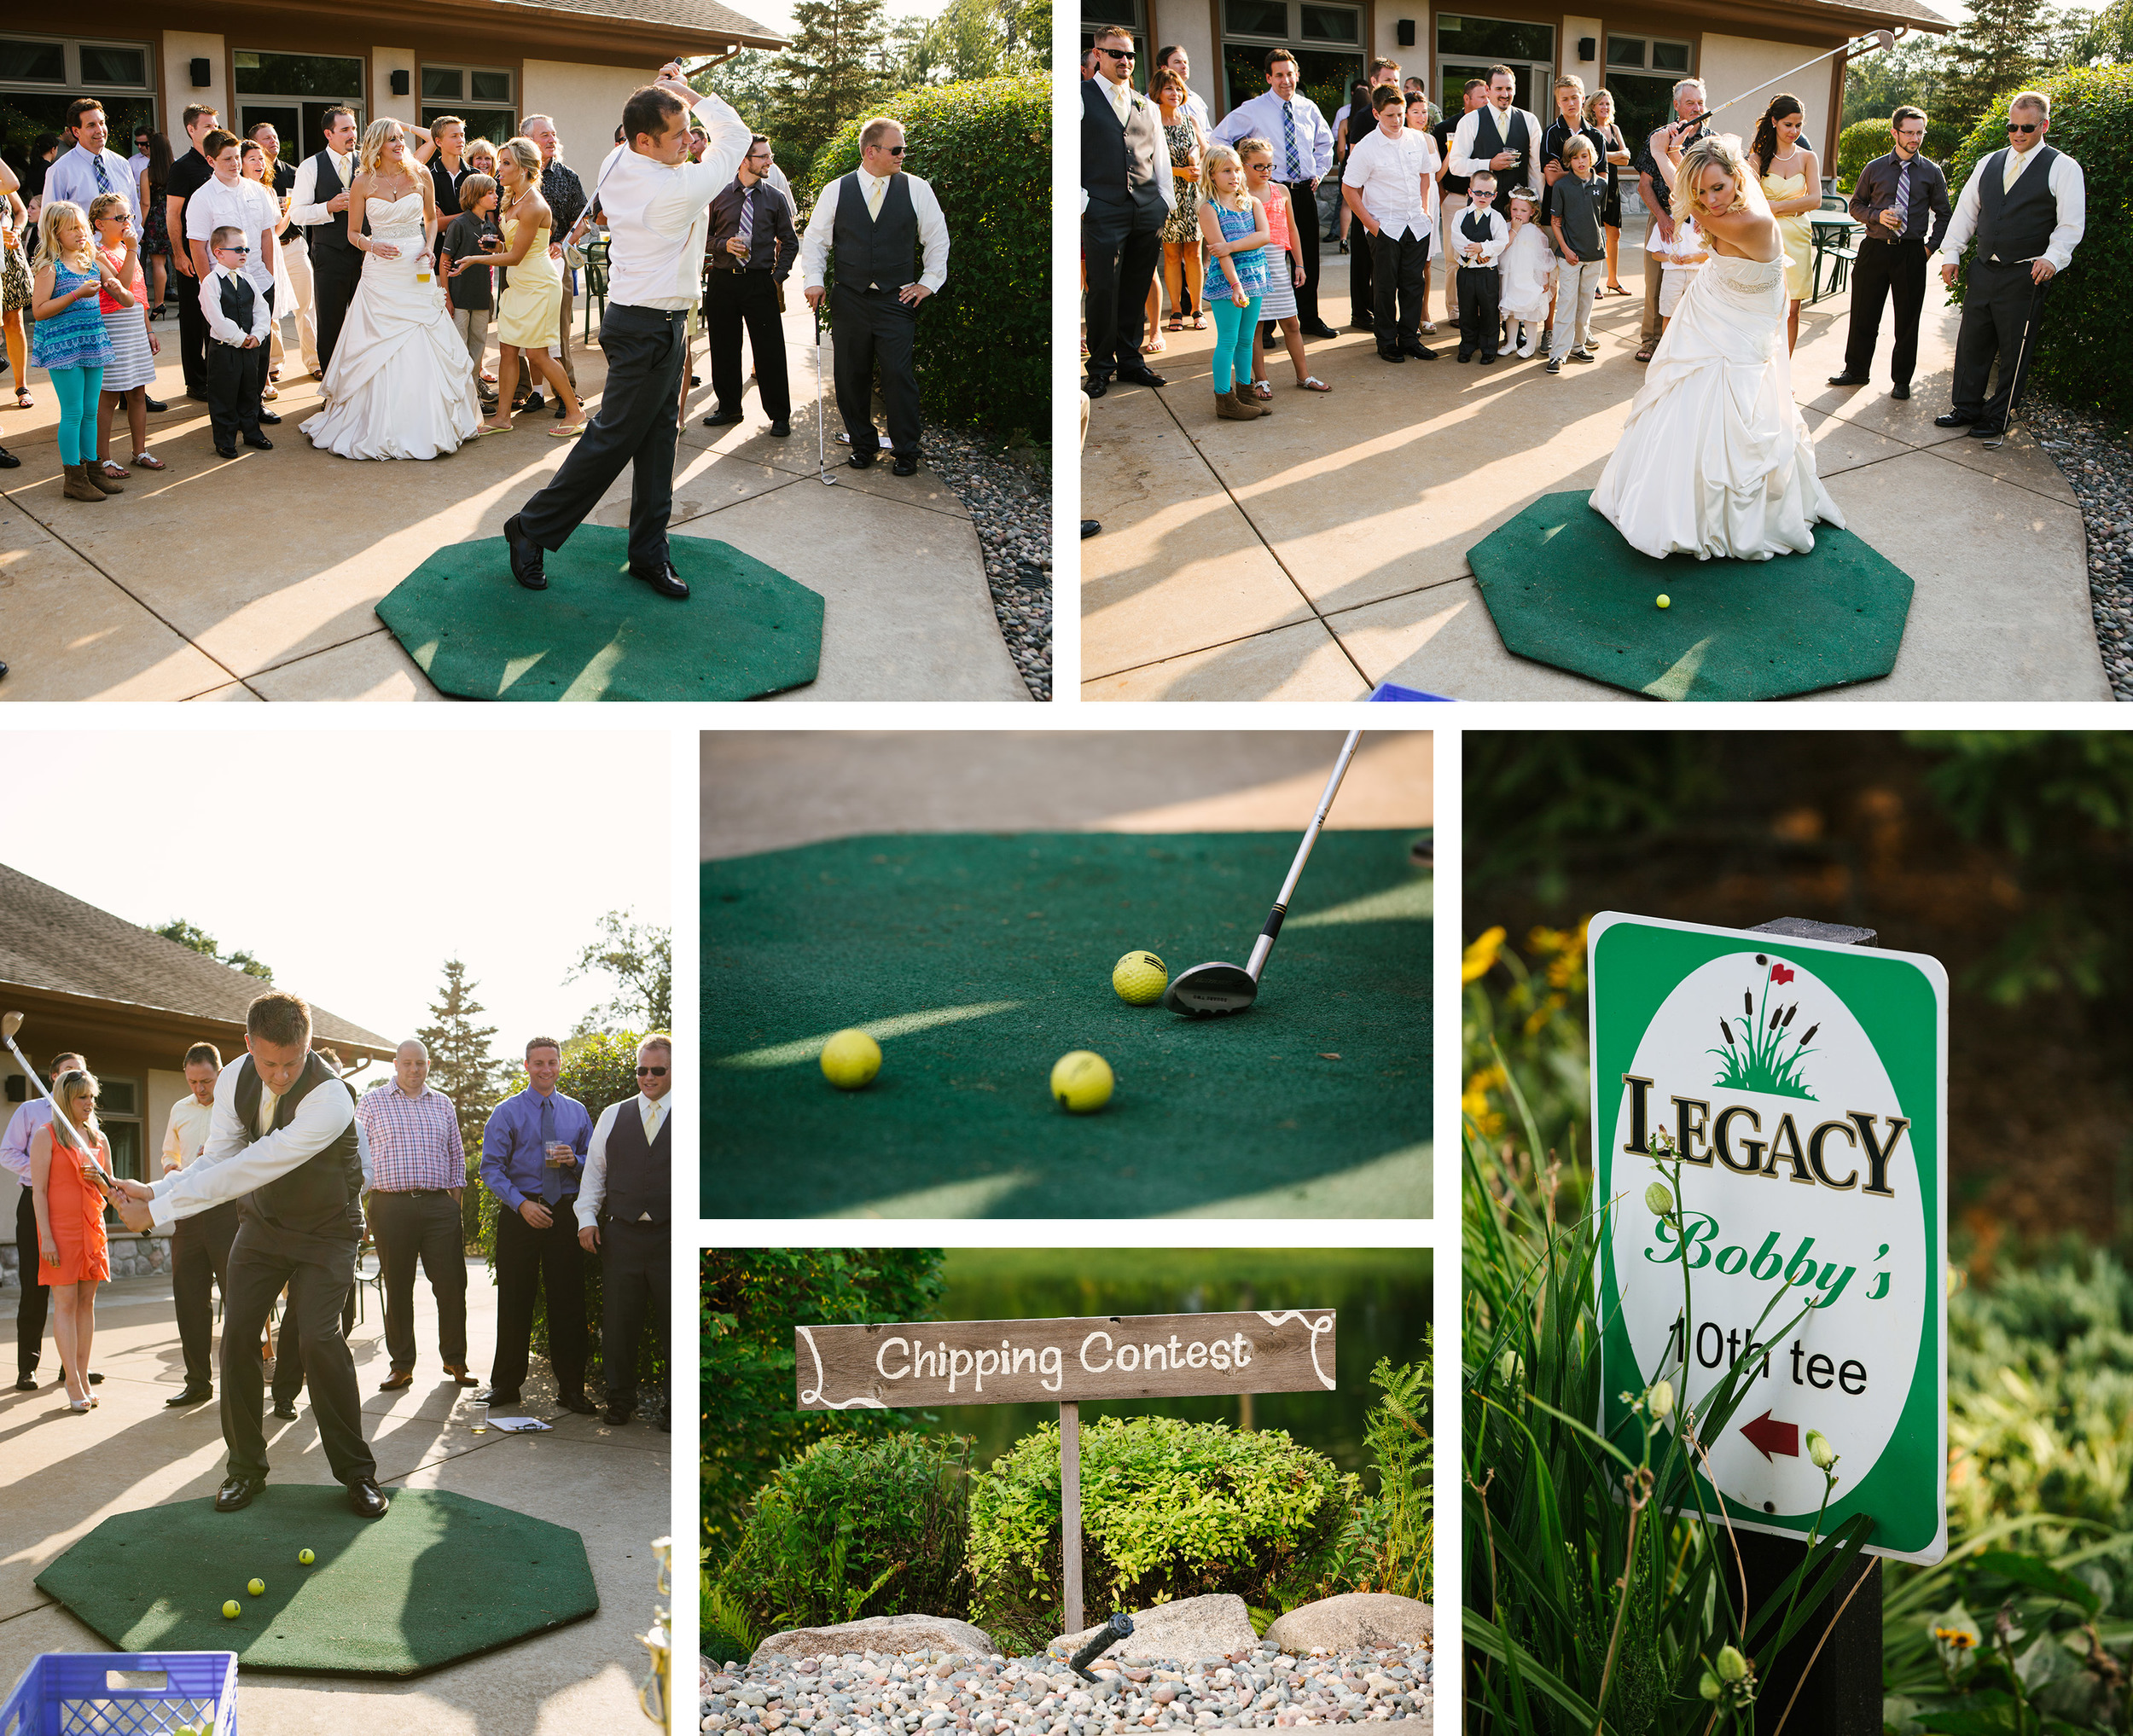 Cragun's Legacy Golf Course Summer Patio Wedding